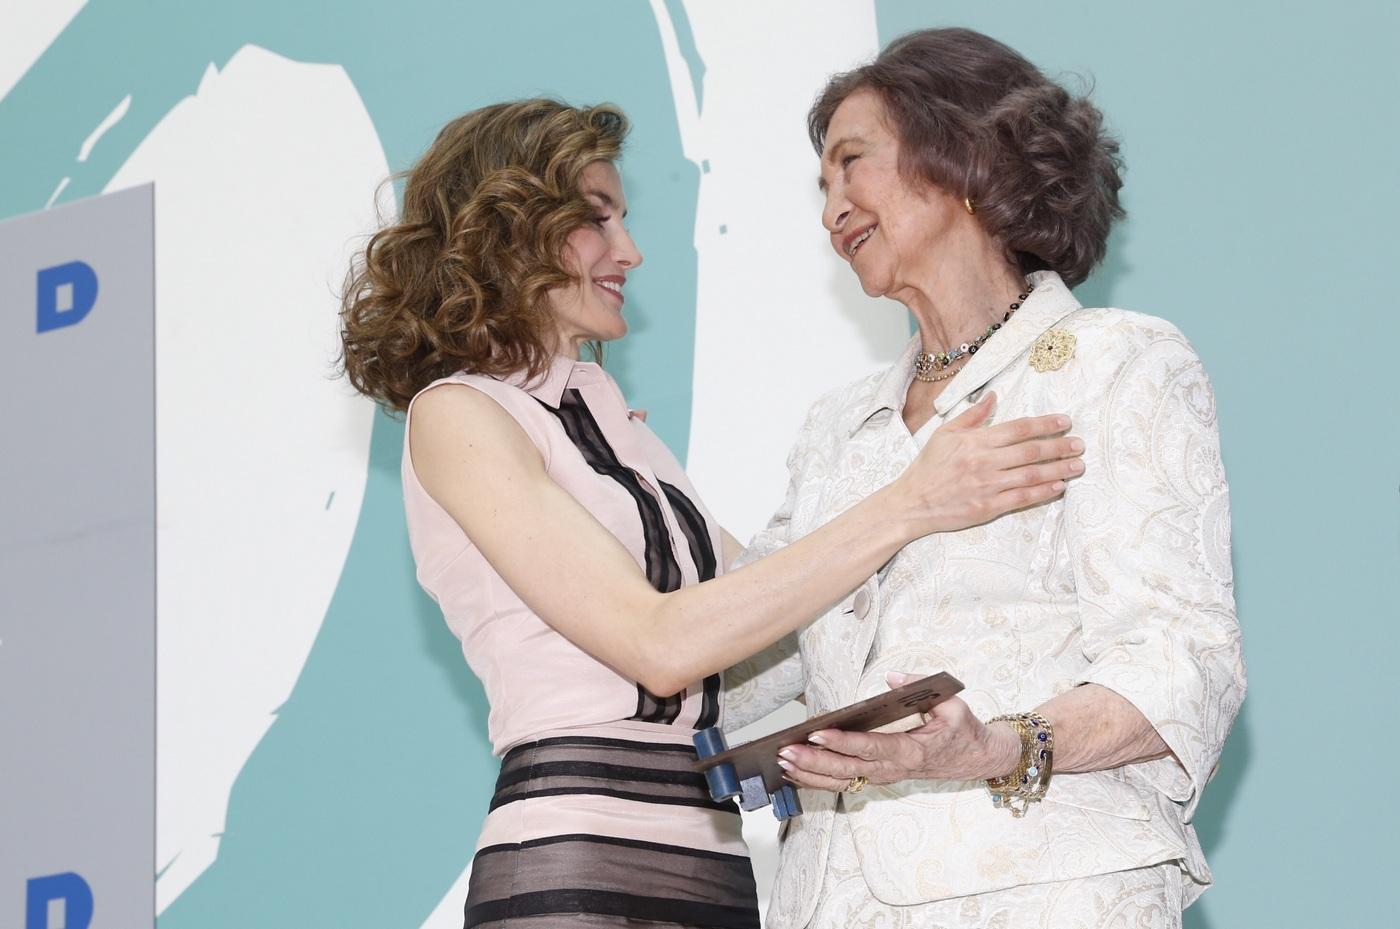 Sofia and Letizia of Spain at FAD's anniversary